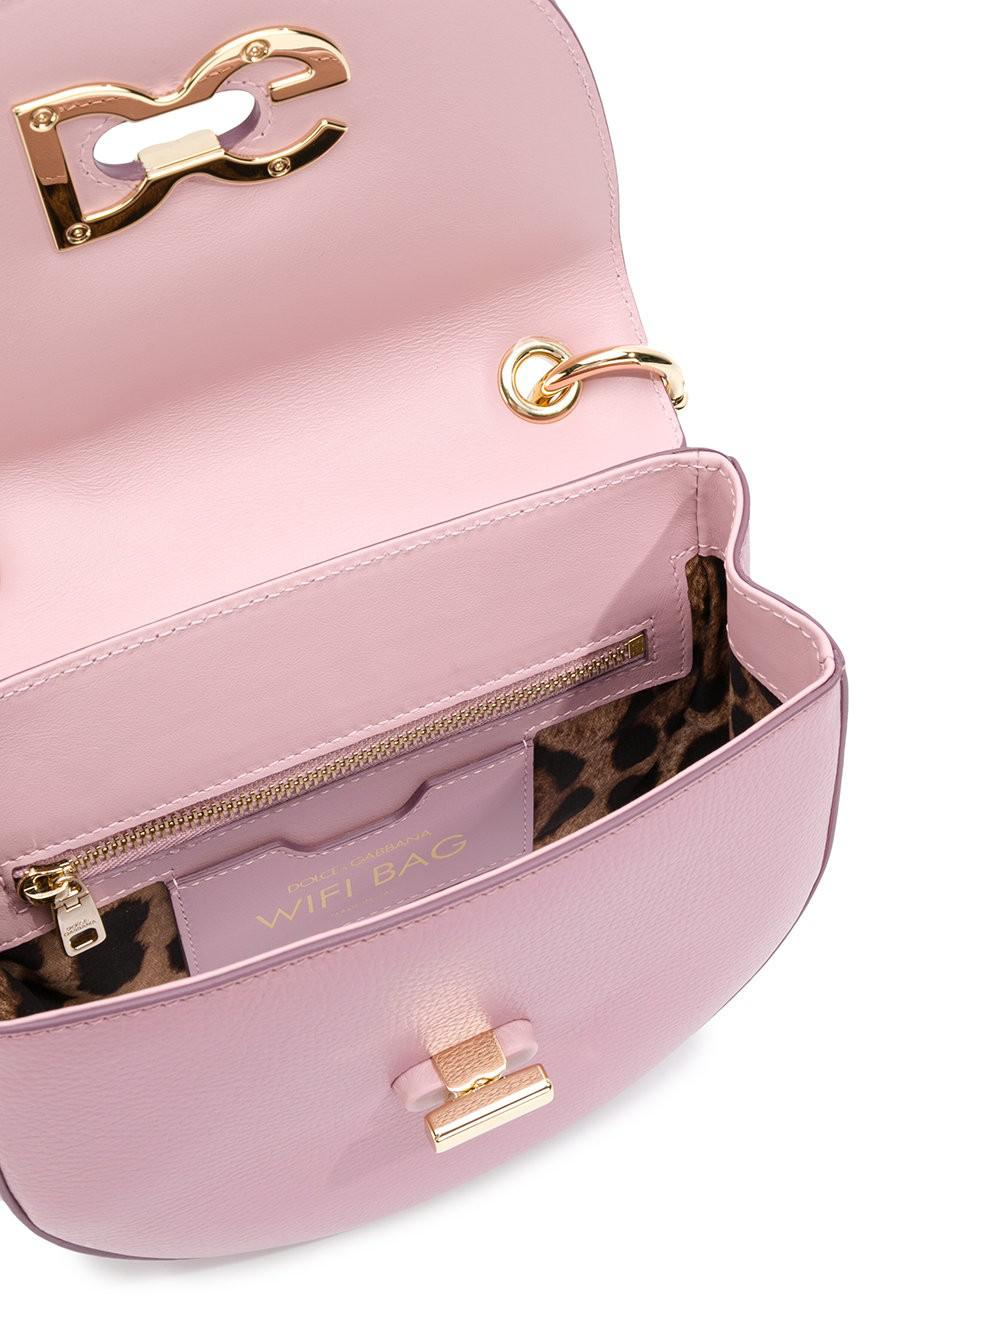 Acheter Pas Cher Officiel Dolce & Gabbana Médias Sac Mortuaire Croix Wifi - Rose Et Violet Bonne Vente À La Recherche De La Vente En Ligne hCgR6KcK2